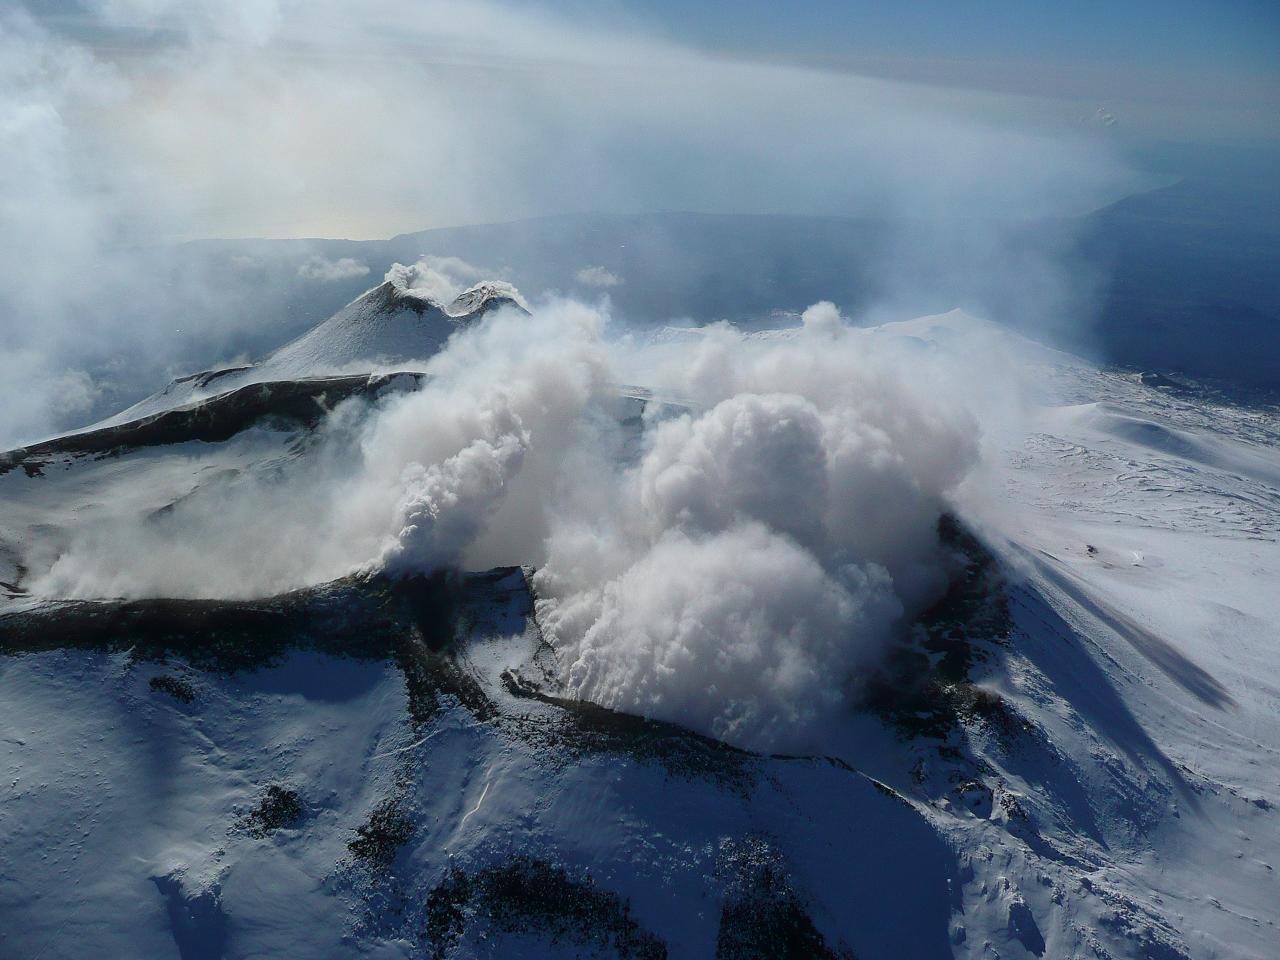 エトナ山 バゥ_d0084229_19203088.jpg